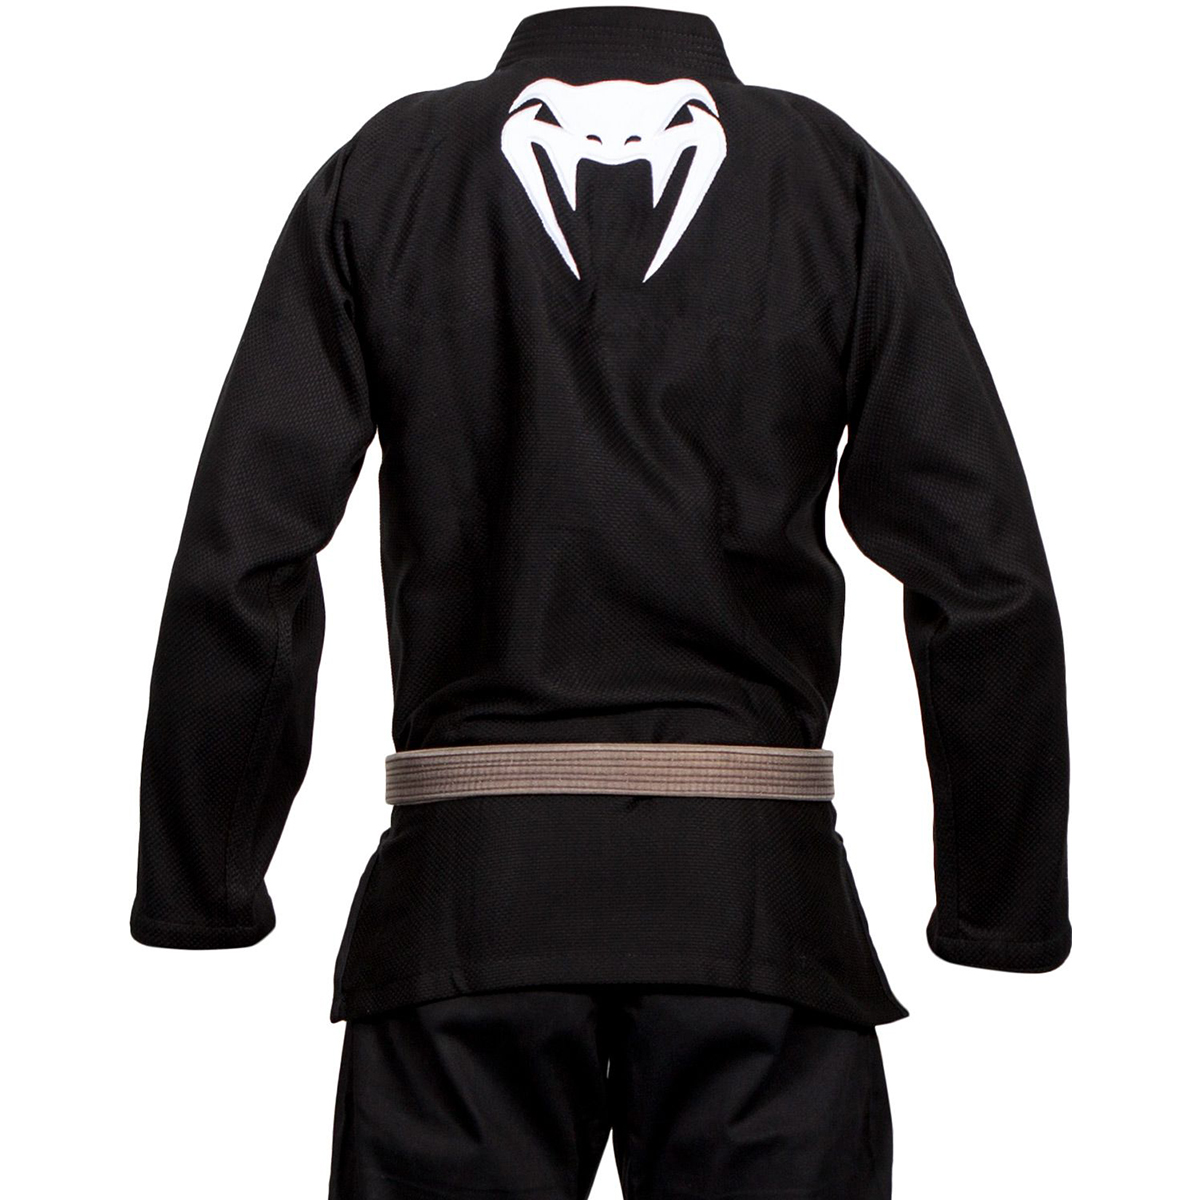 thumbnail 3 - Venum Contender 2.0 Brazilian Jiu-Jitsu Gi